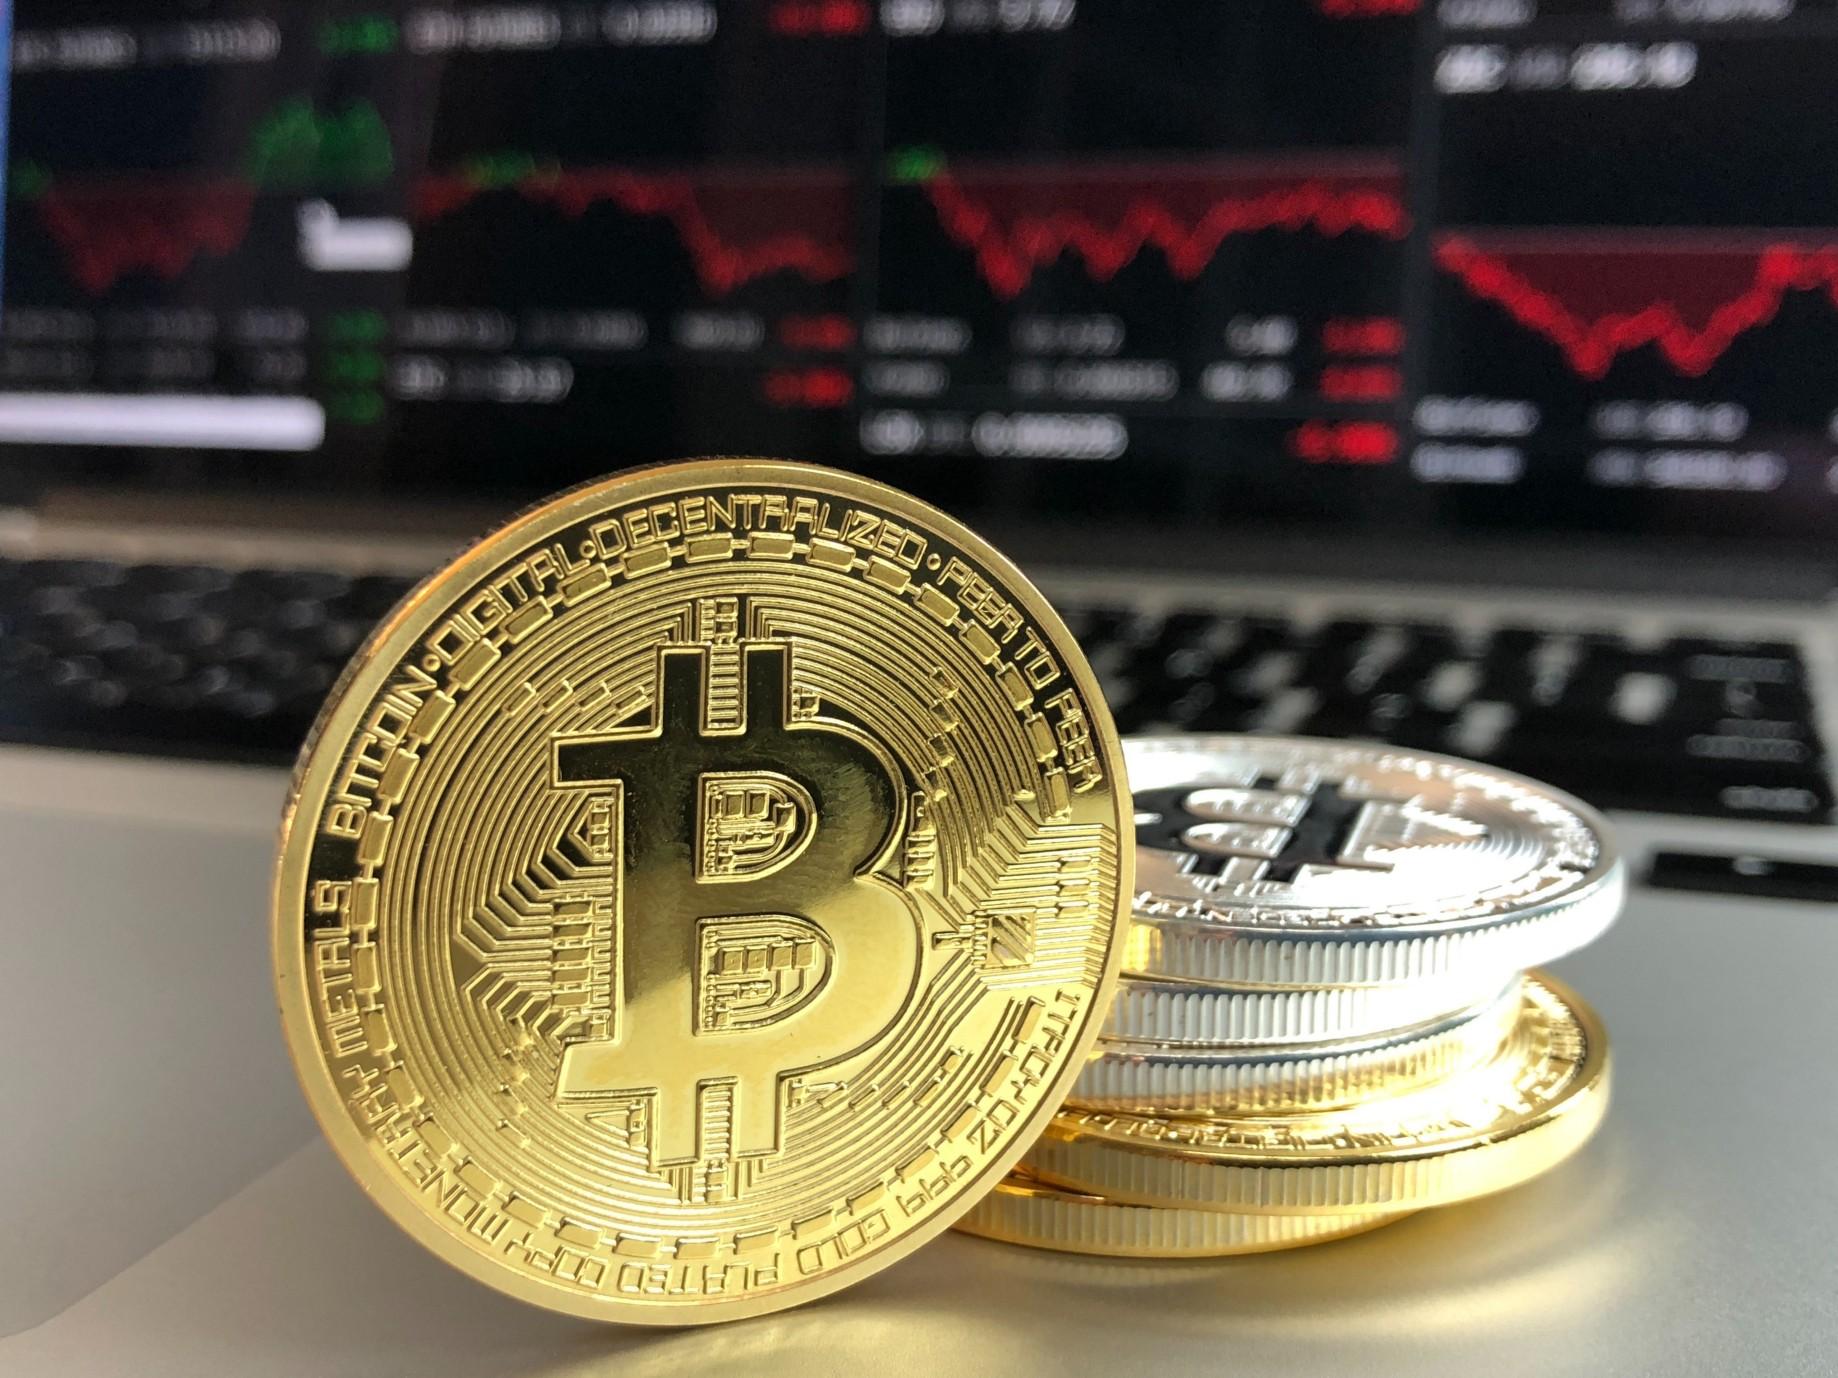 Media: investeerders waarderen bitcoin-uitwisselaar Upbit op 10 miljard dollar